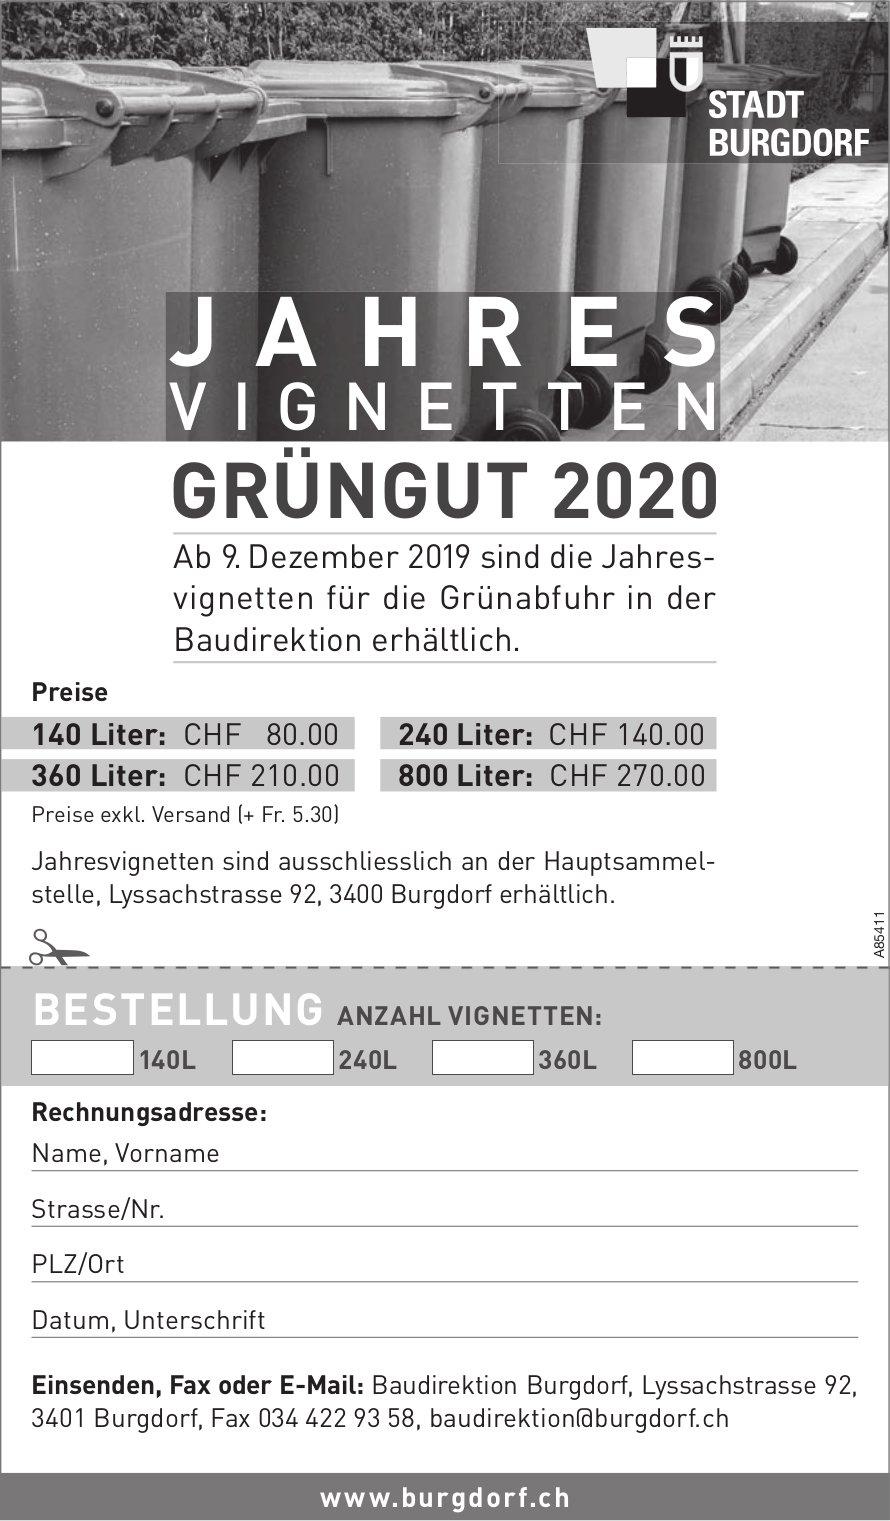 JAHRESVIGNETTEN GRÜNGUT 2020, Stadt Burgdorf